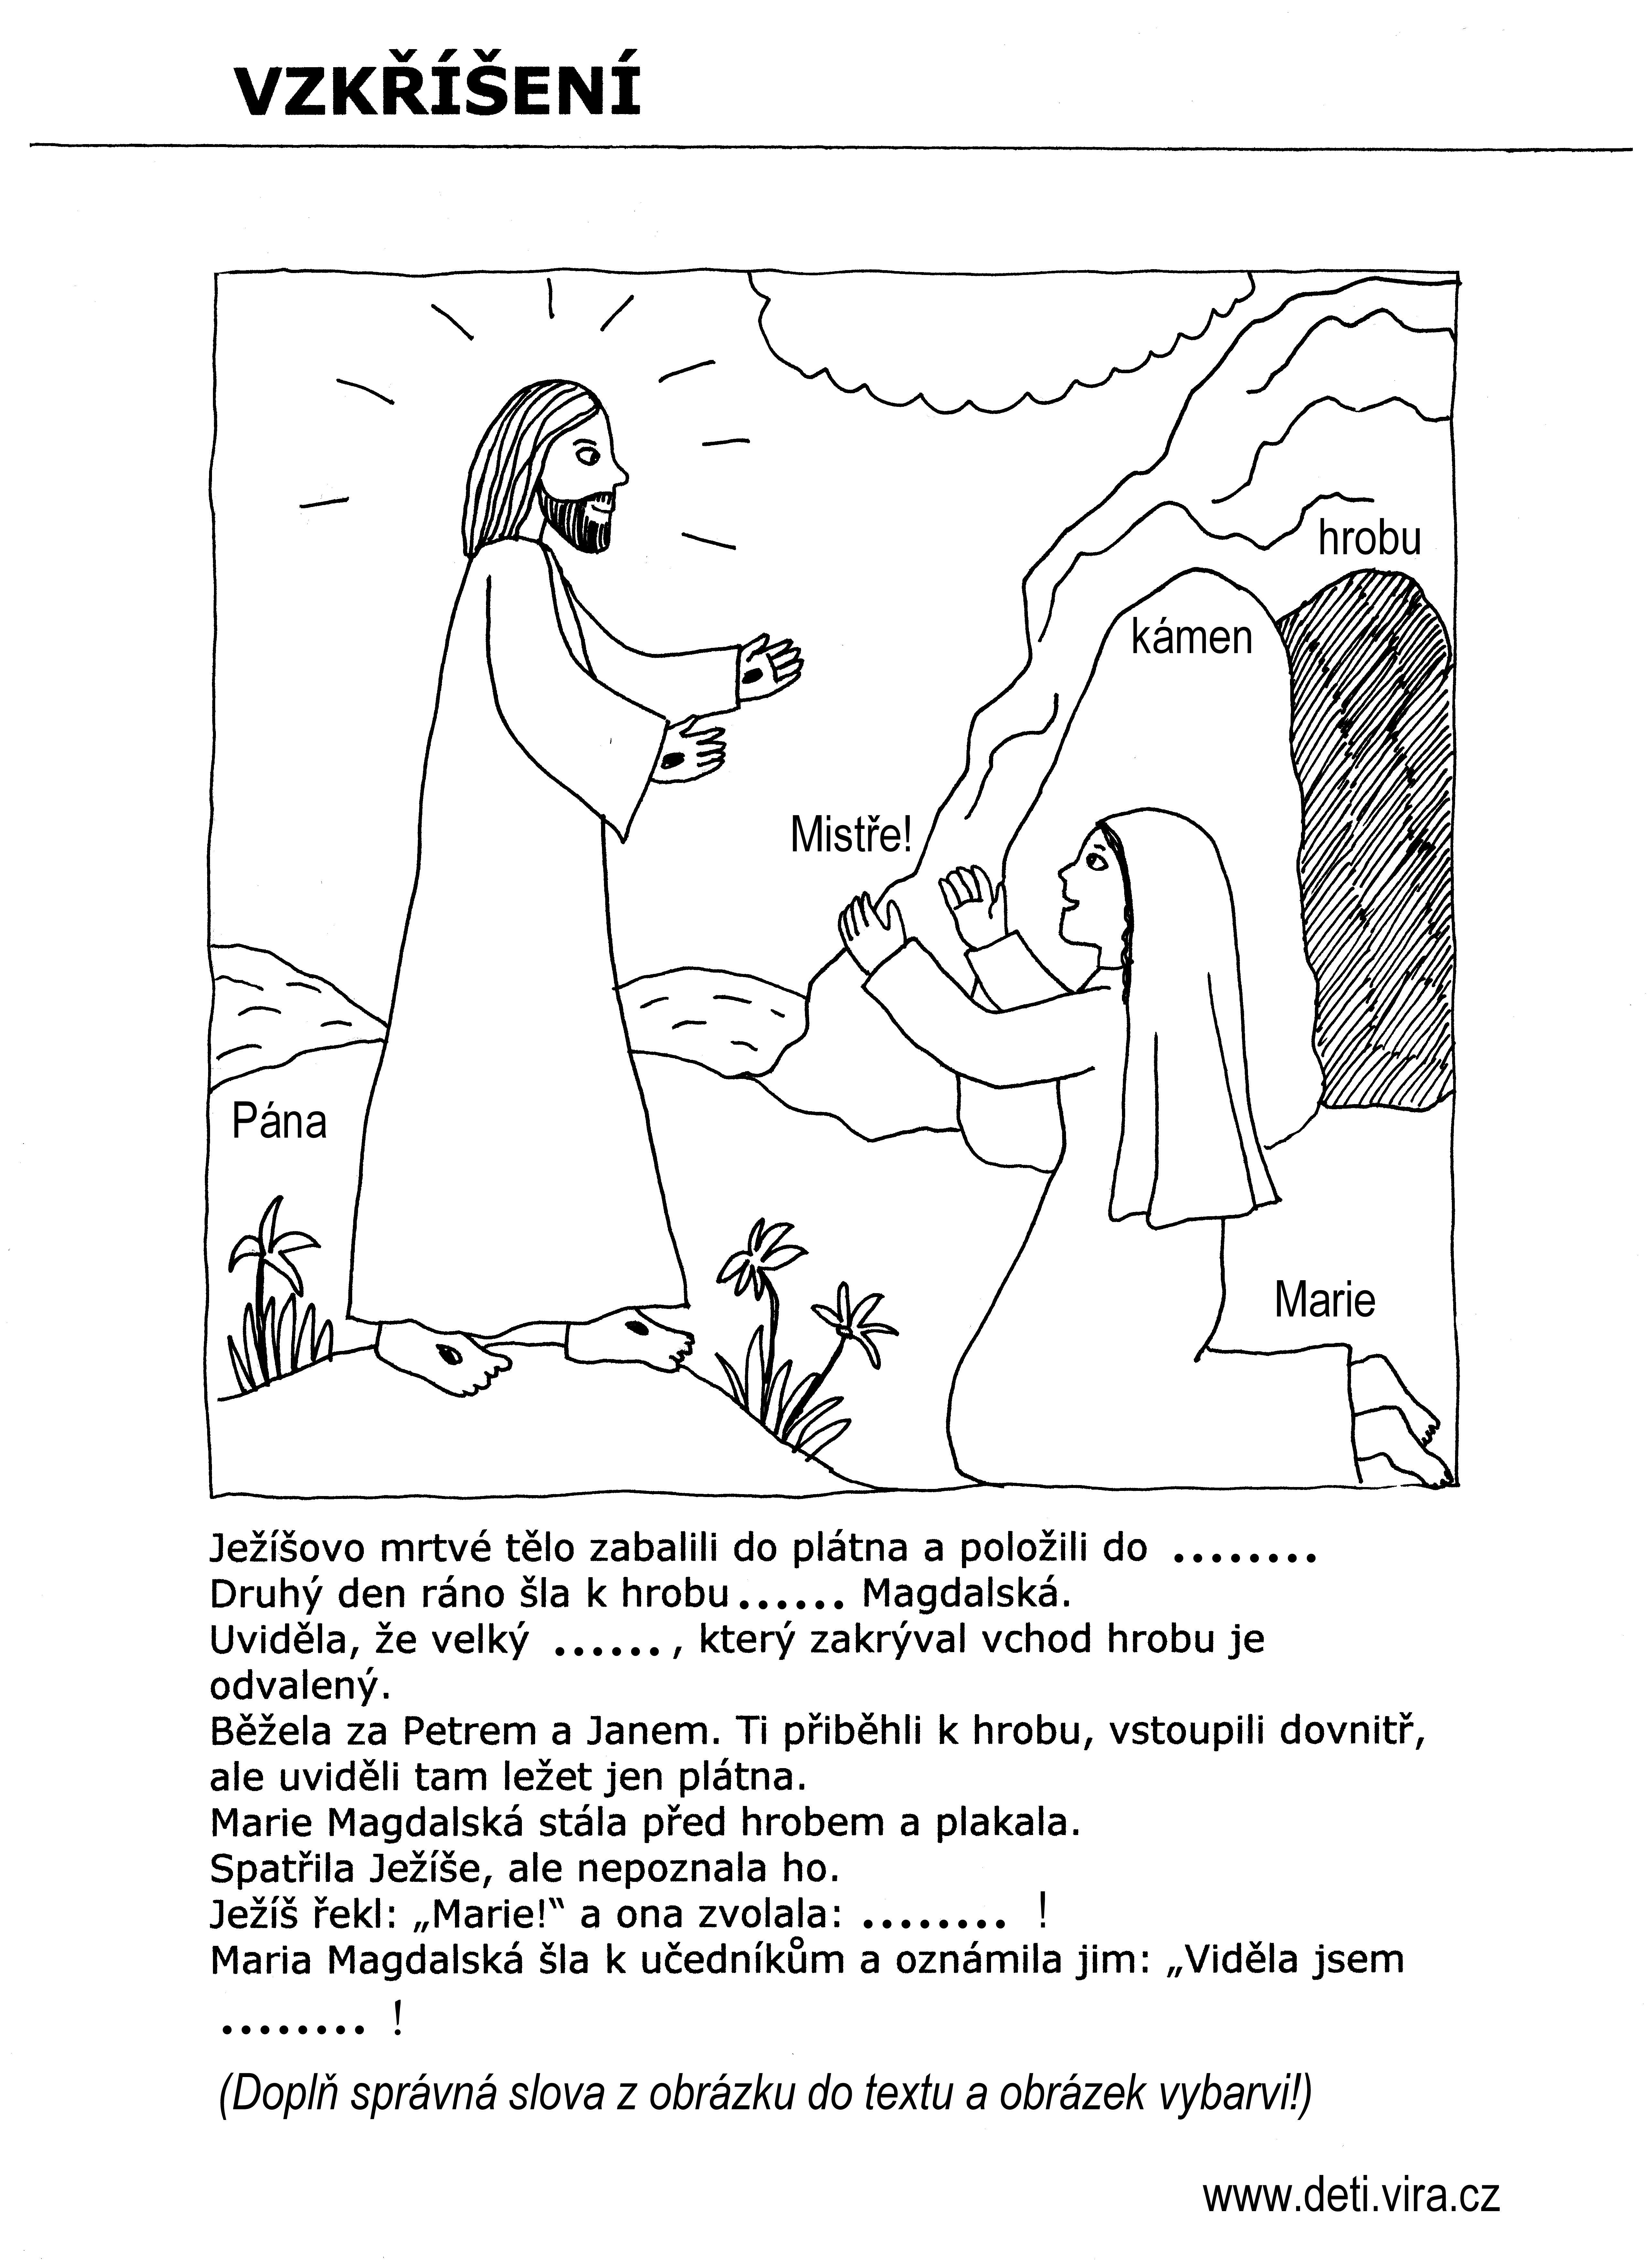 Vzkříšení - doplň správná slova